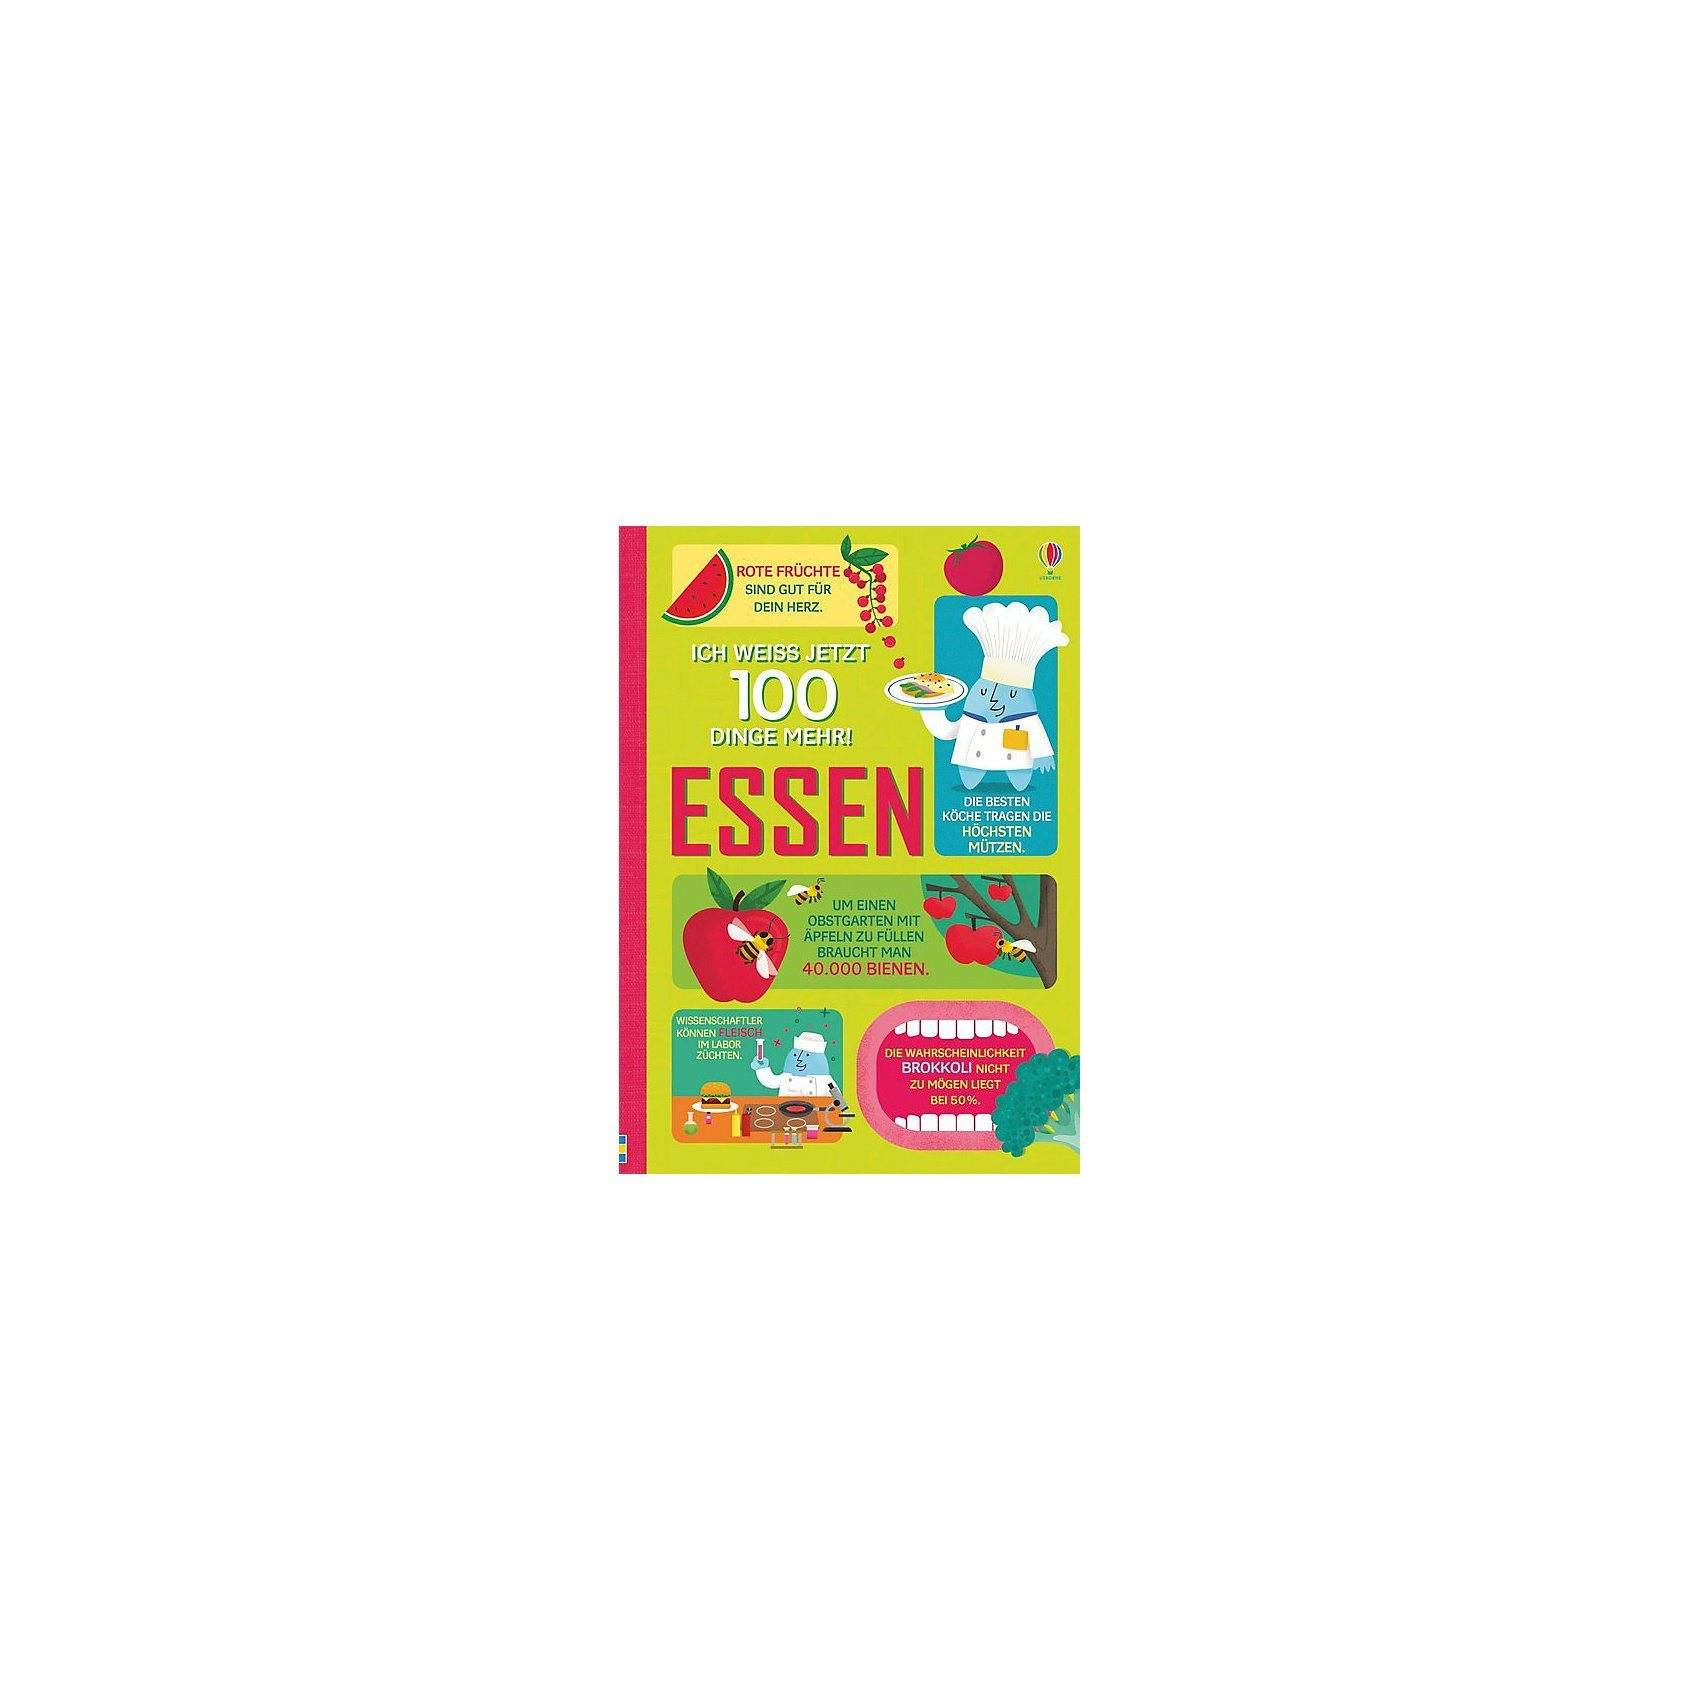 Usborne Verlag Ich weiß jetzt 100 Dinge mehr! Essen